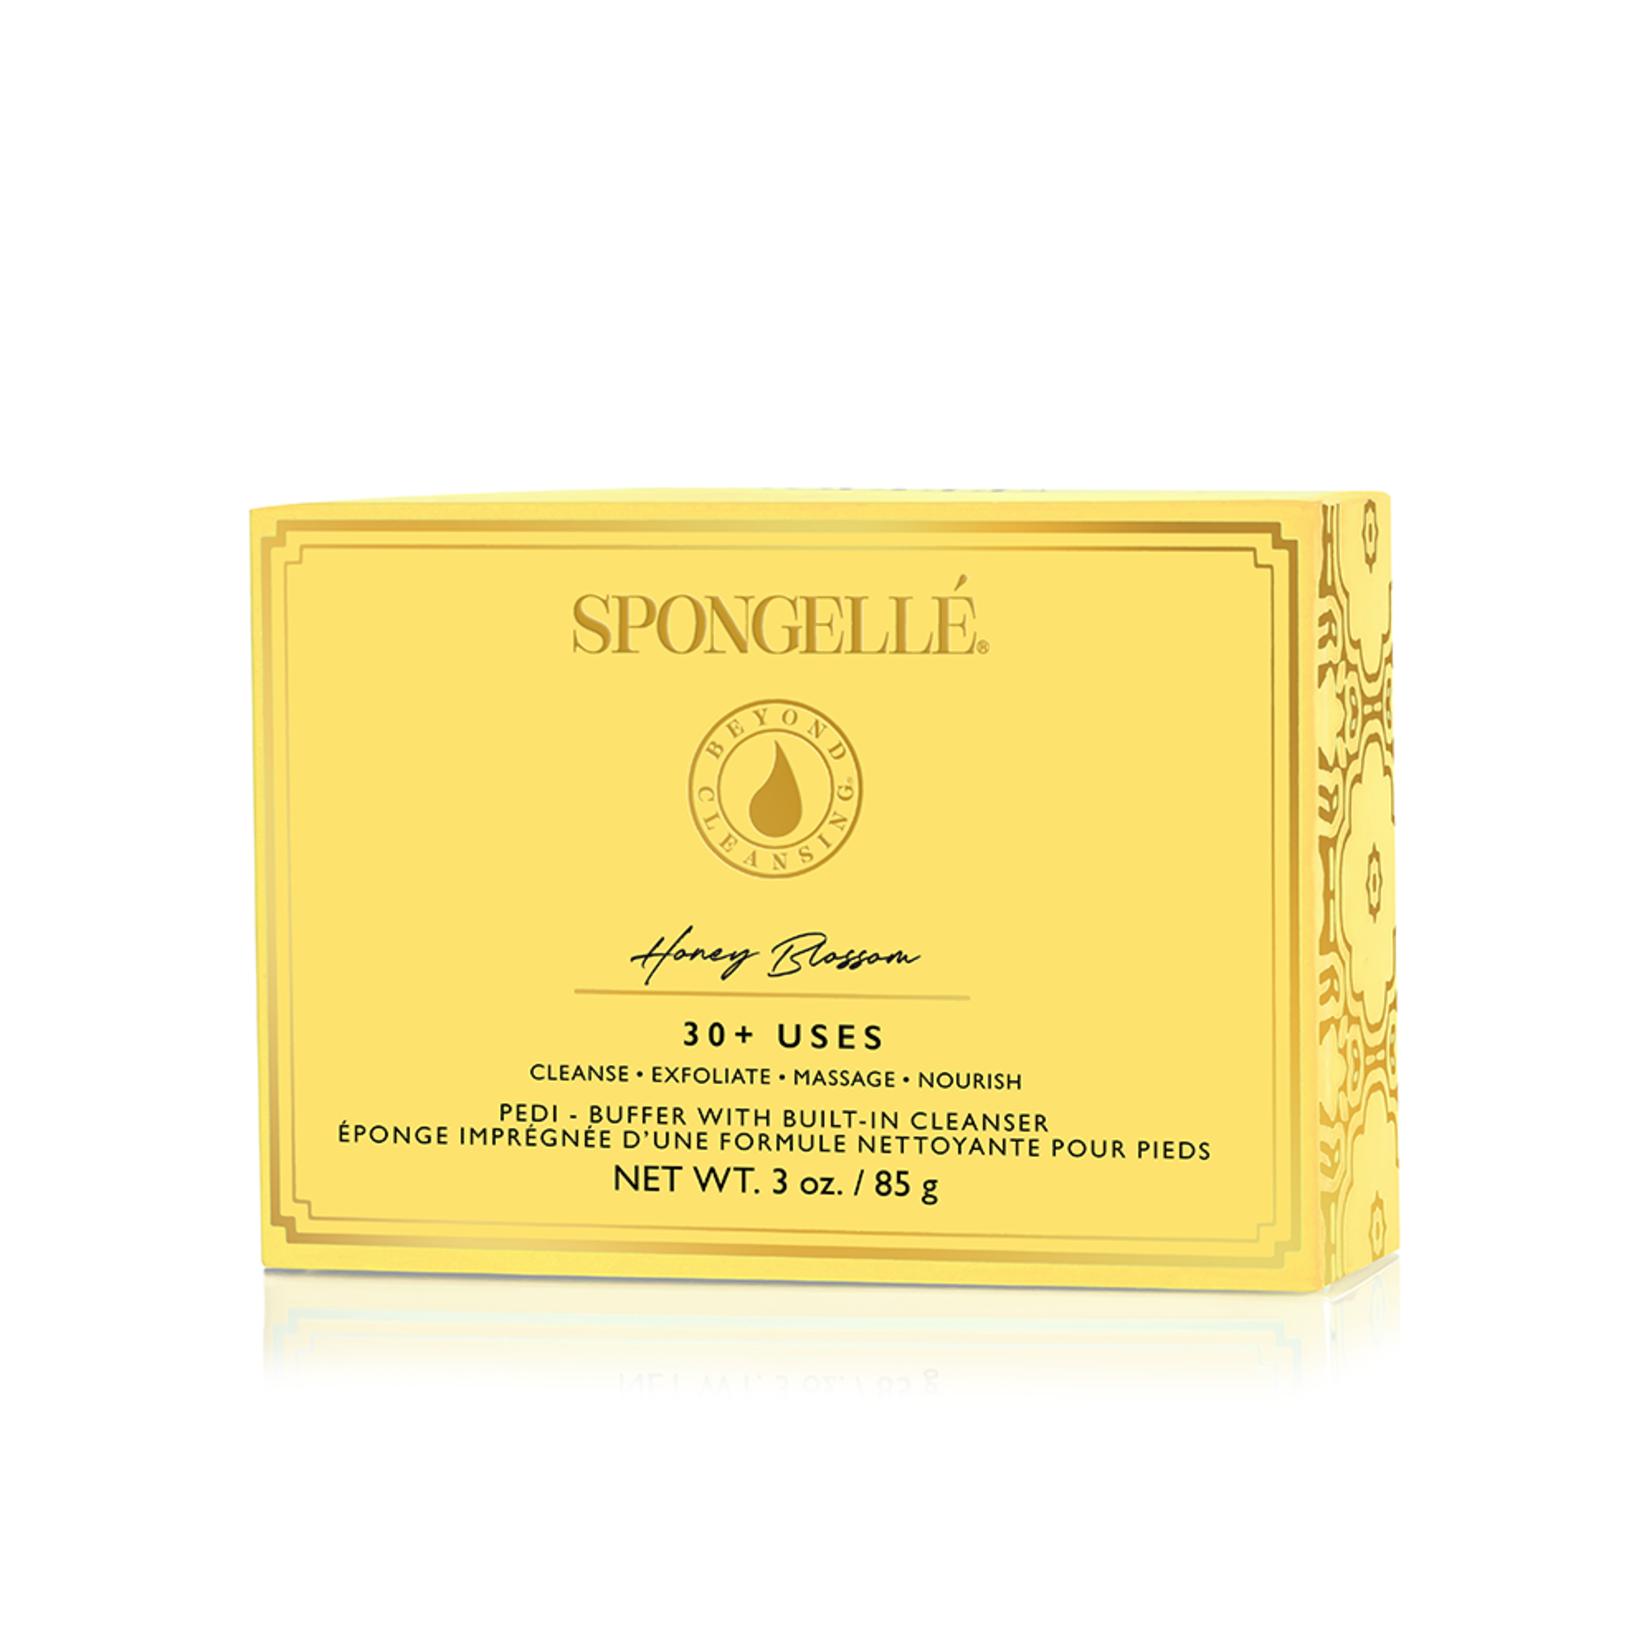 Spongelle Honey Blossom   Pedi Buffer